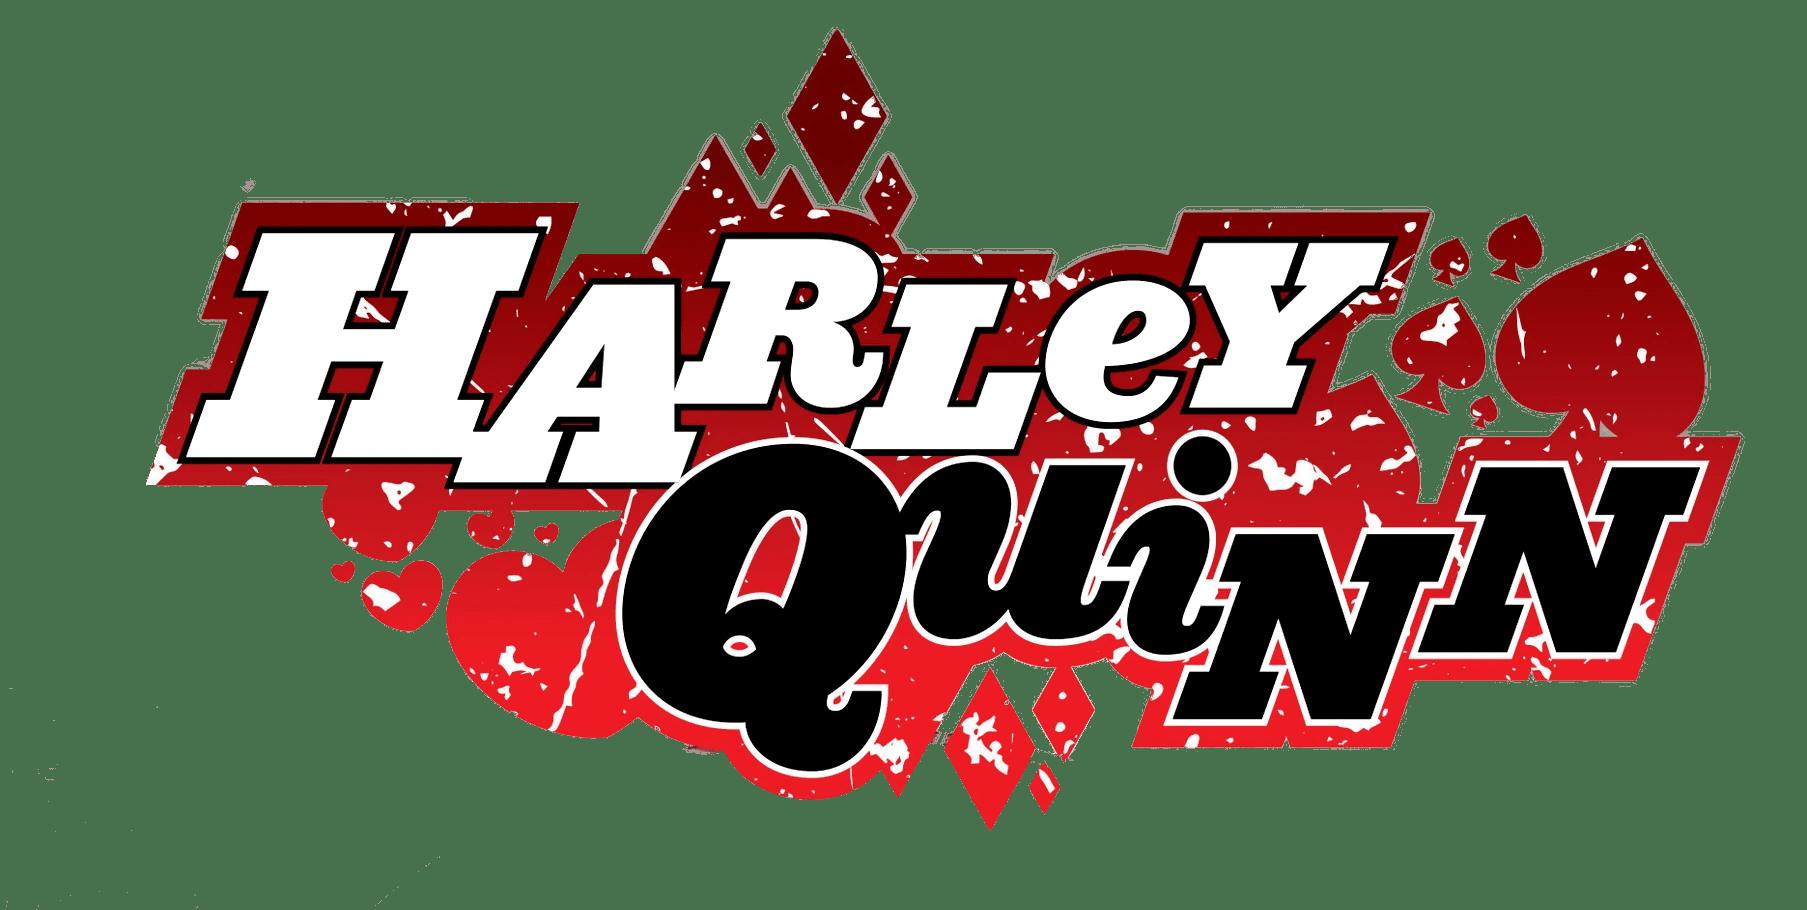 Harley Quinn | A Year of Batman